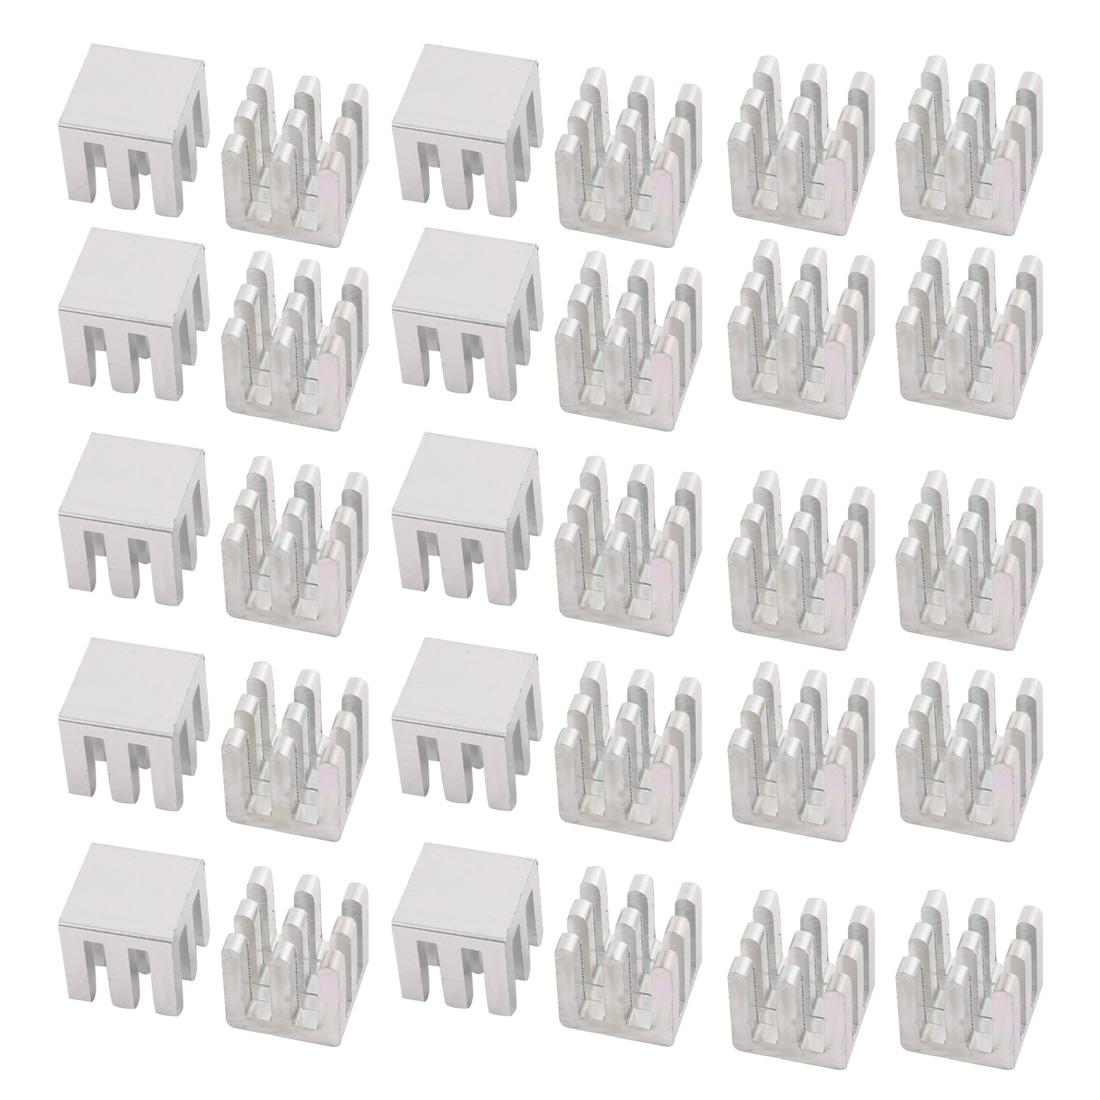 30Pcs 10mm x 10mm x 10mm Aluminum Heatsink Heat Diffuse Cooling Fin Silver Tone